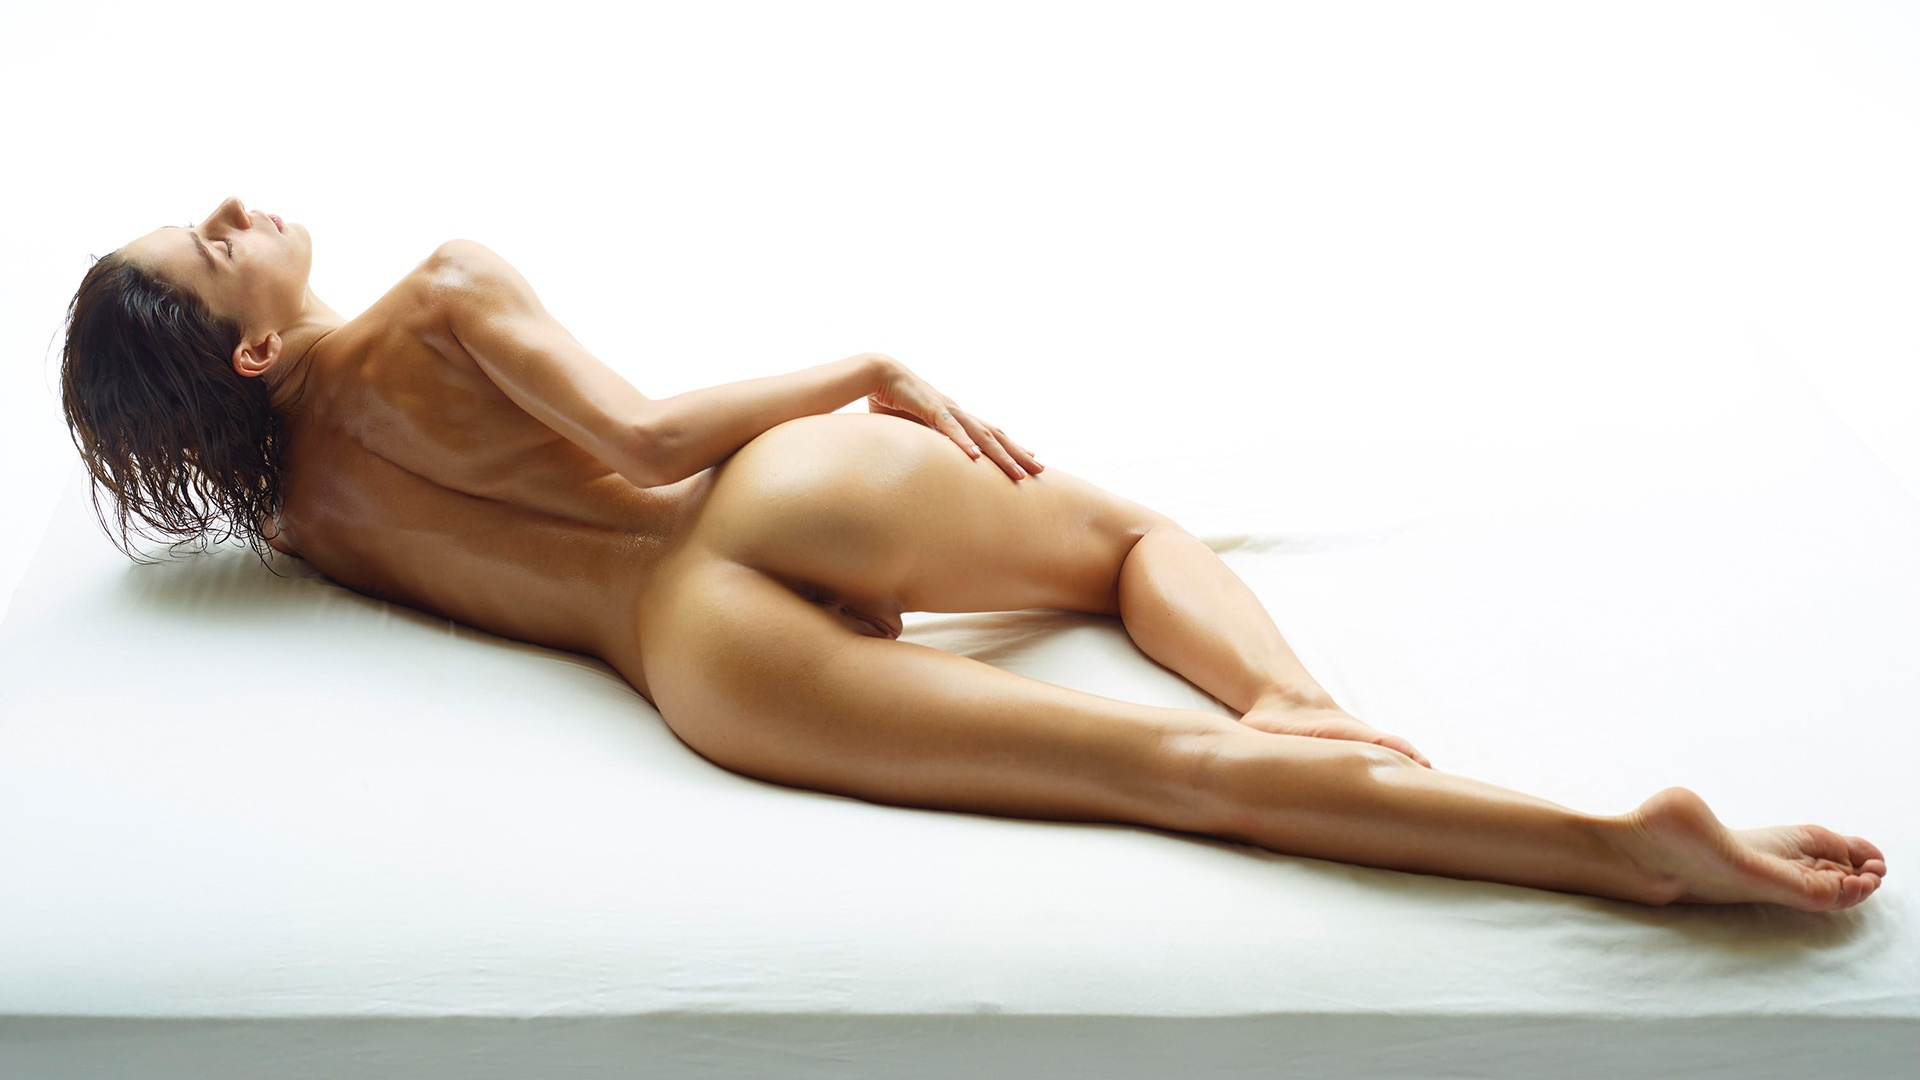 Naked Oily Back hot brunette beauty lying on the floor ...